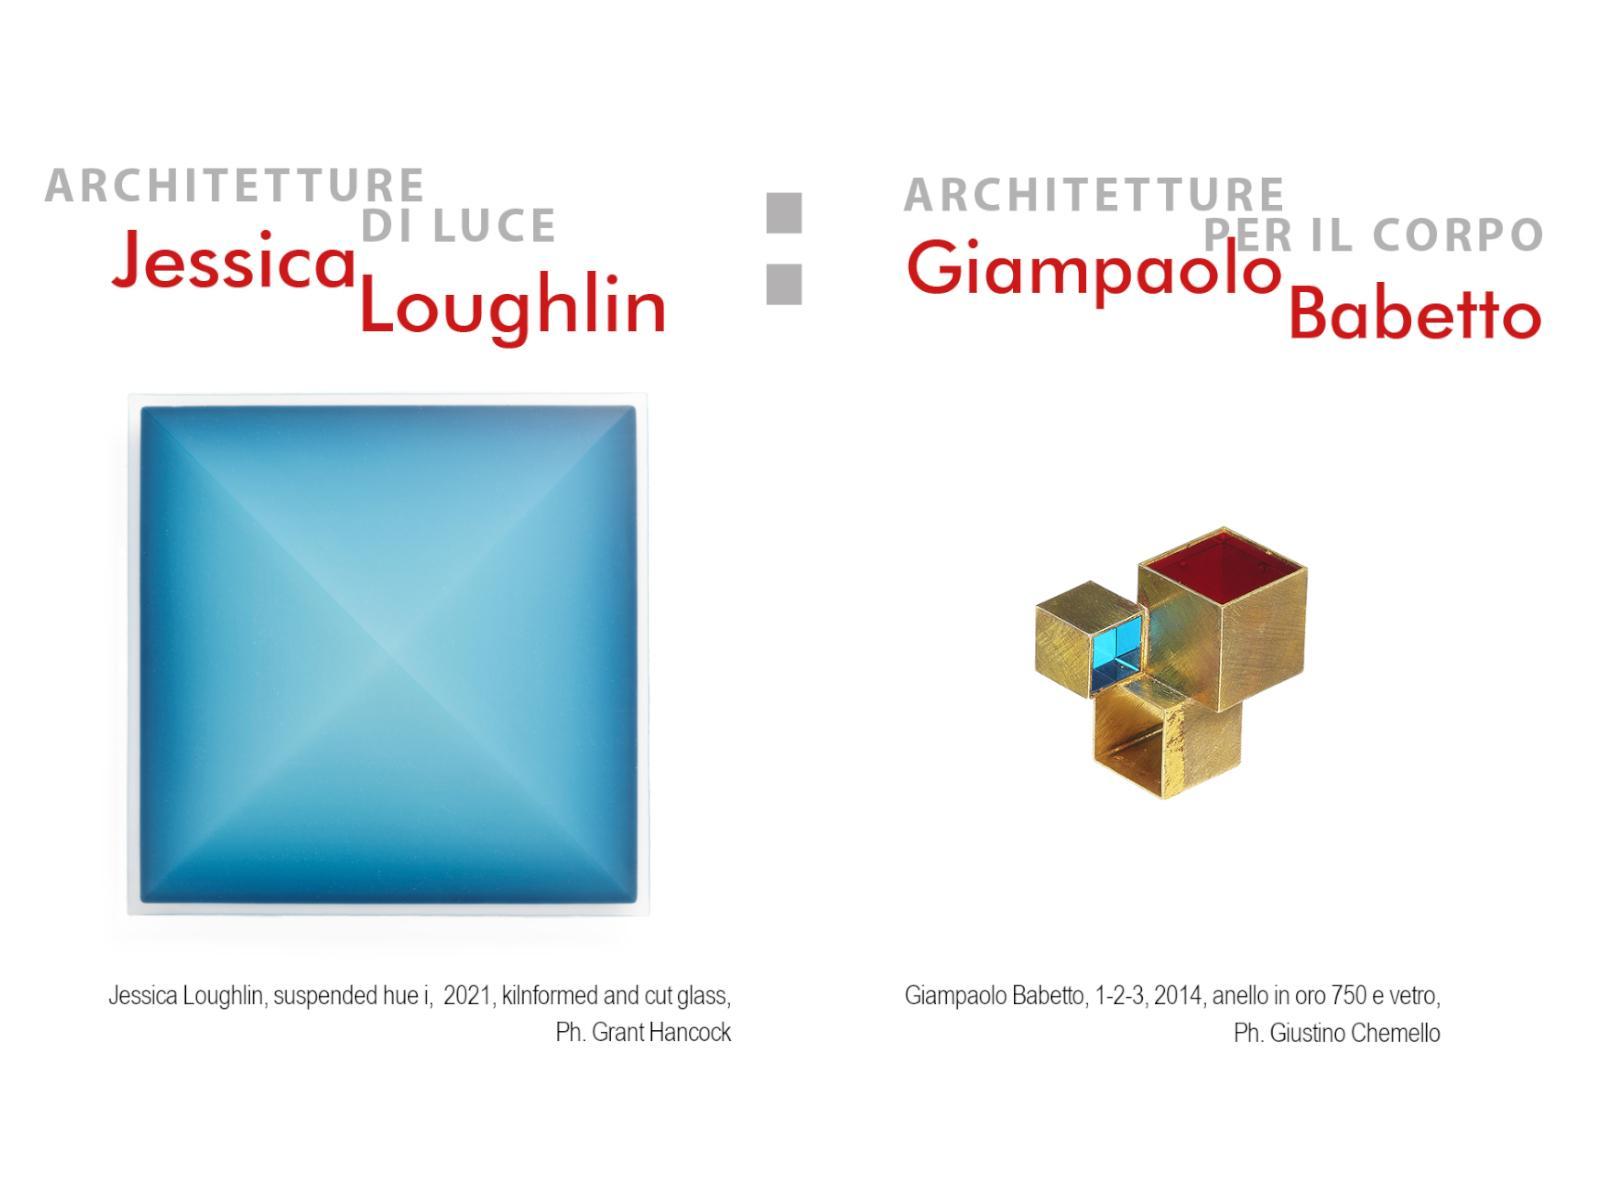 Jessica Loughlin   Architetture di Luce + Giampaolo Babetto   Architetture per il Corpo